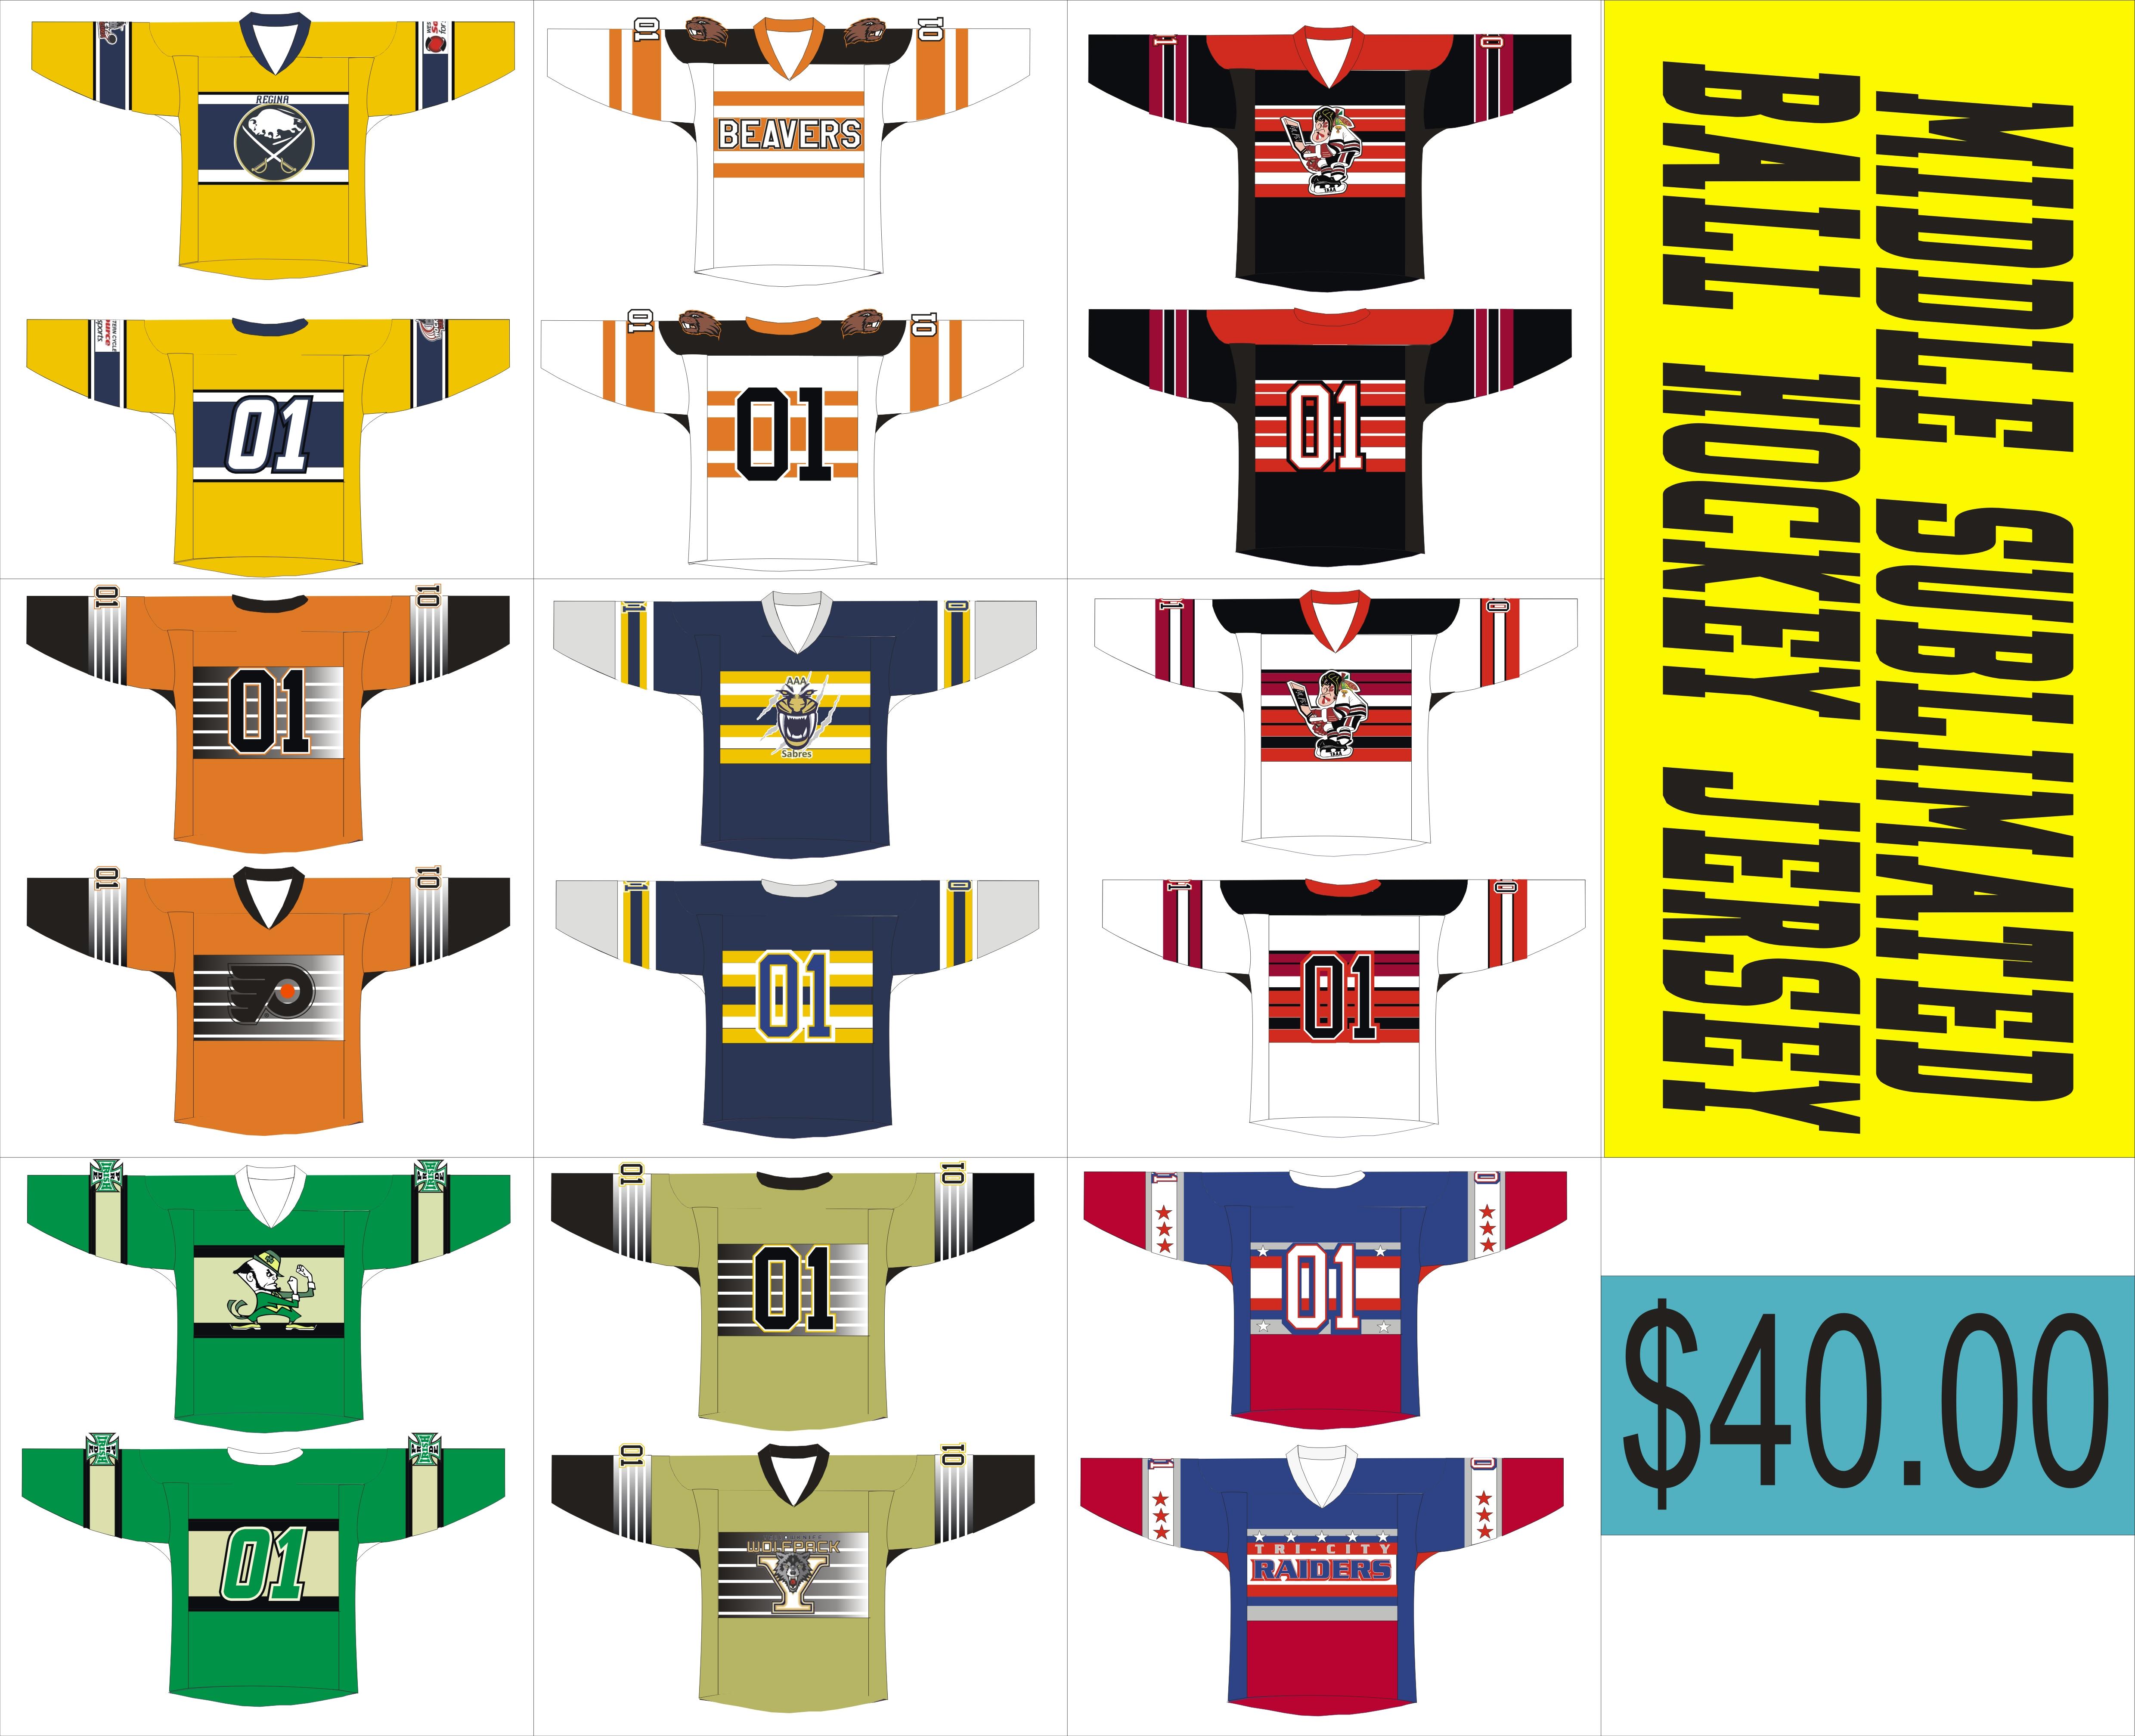 ... 40 ball hockey templates ... 924eecf8db5